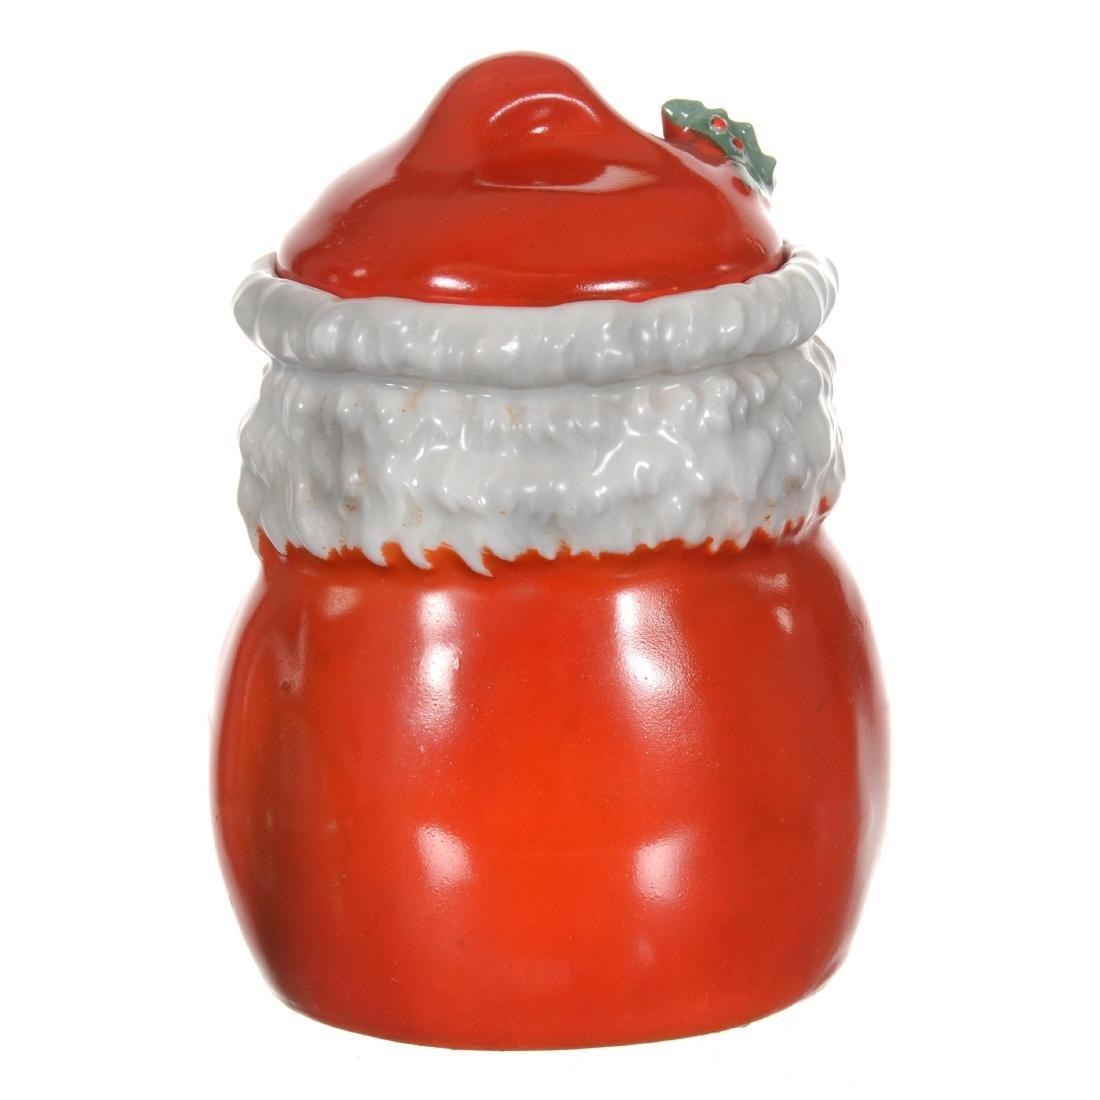 Royal Bayreuth Santa Claus Jam Jar - 2